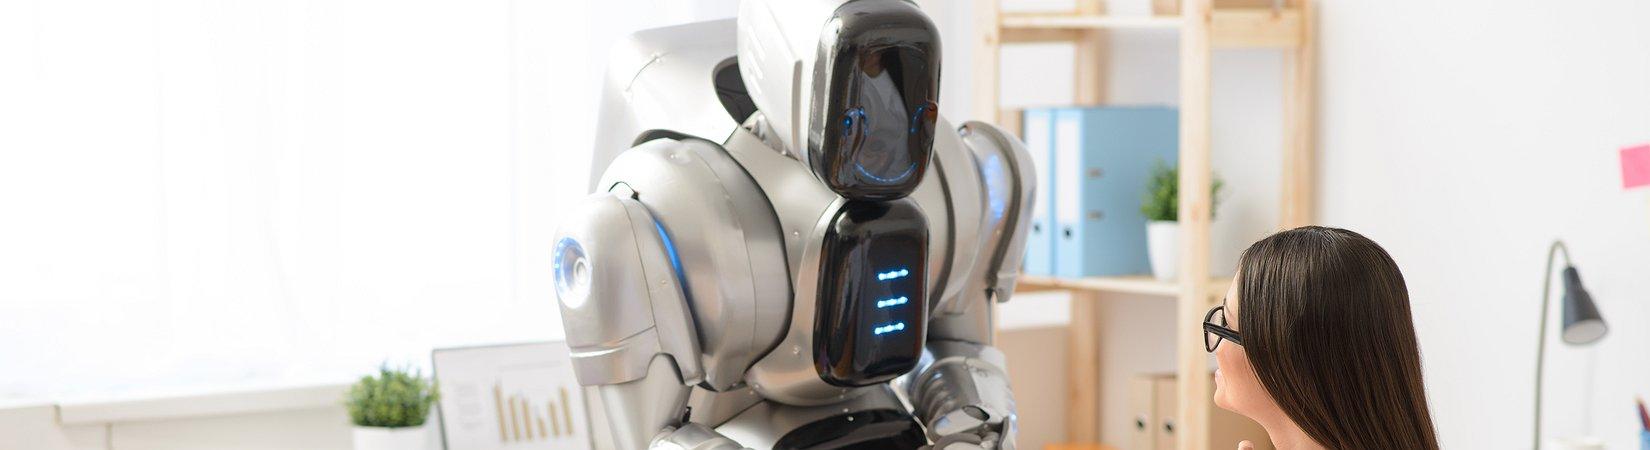 Europa rechaza de idea de Bill Gates de introducir un impuesto sobre los robots